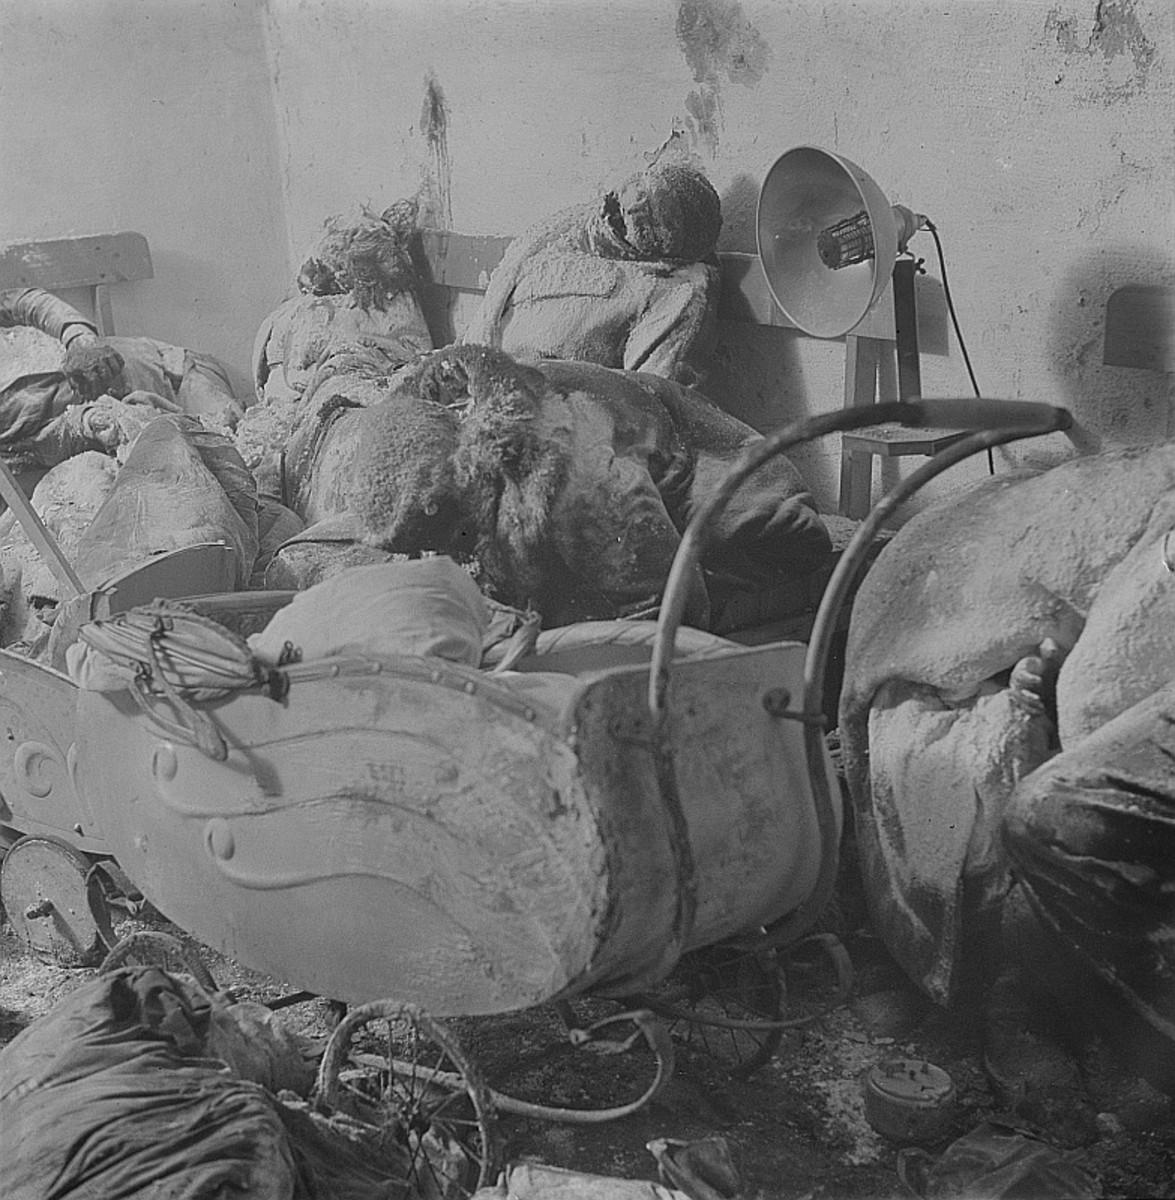 Bodies of civilians.